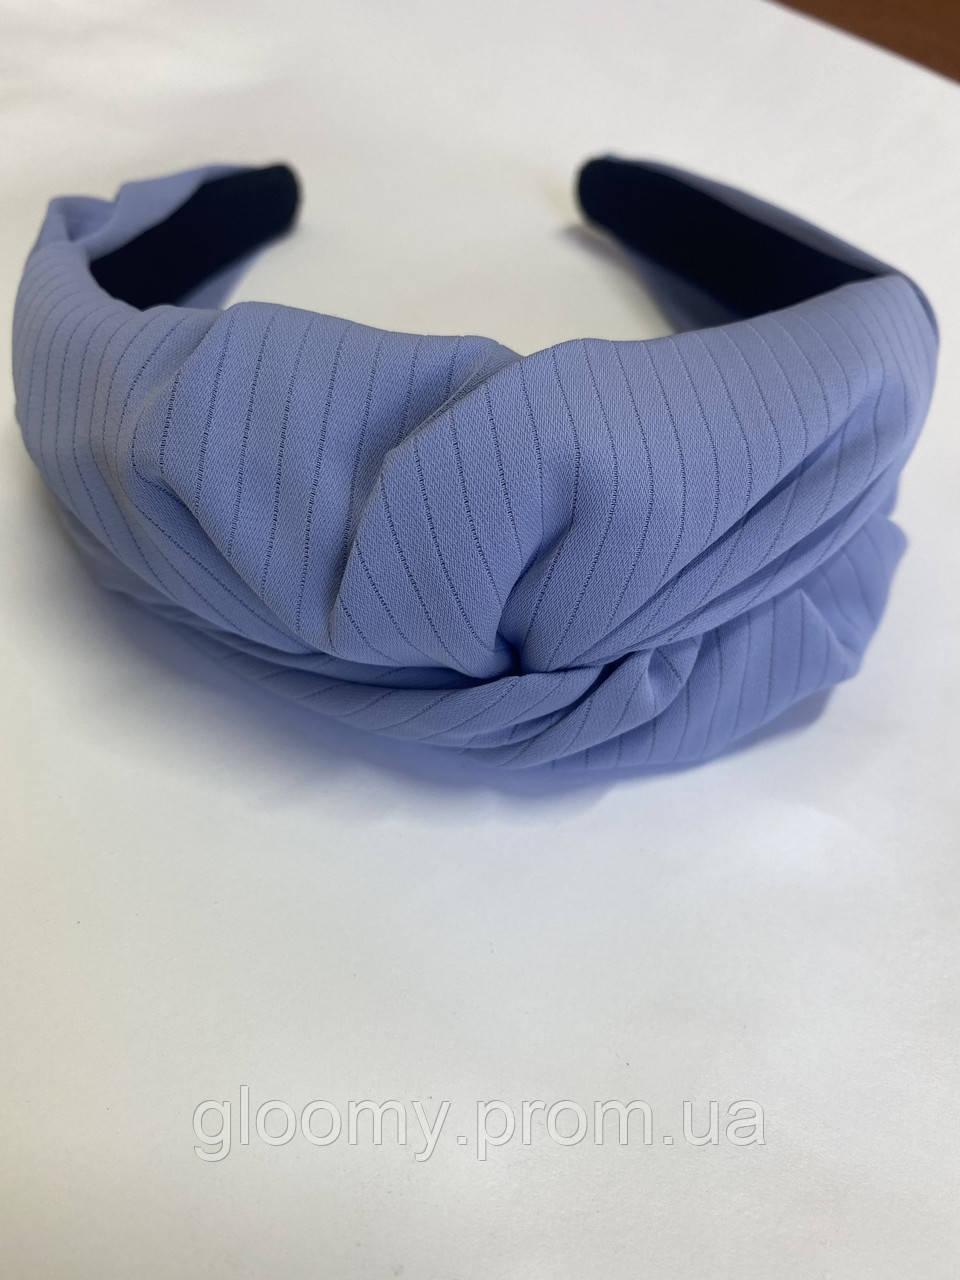 Обруч - чалма для волос Небесно-голубой